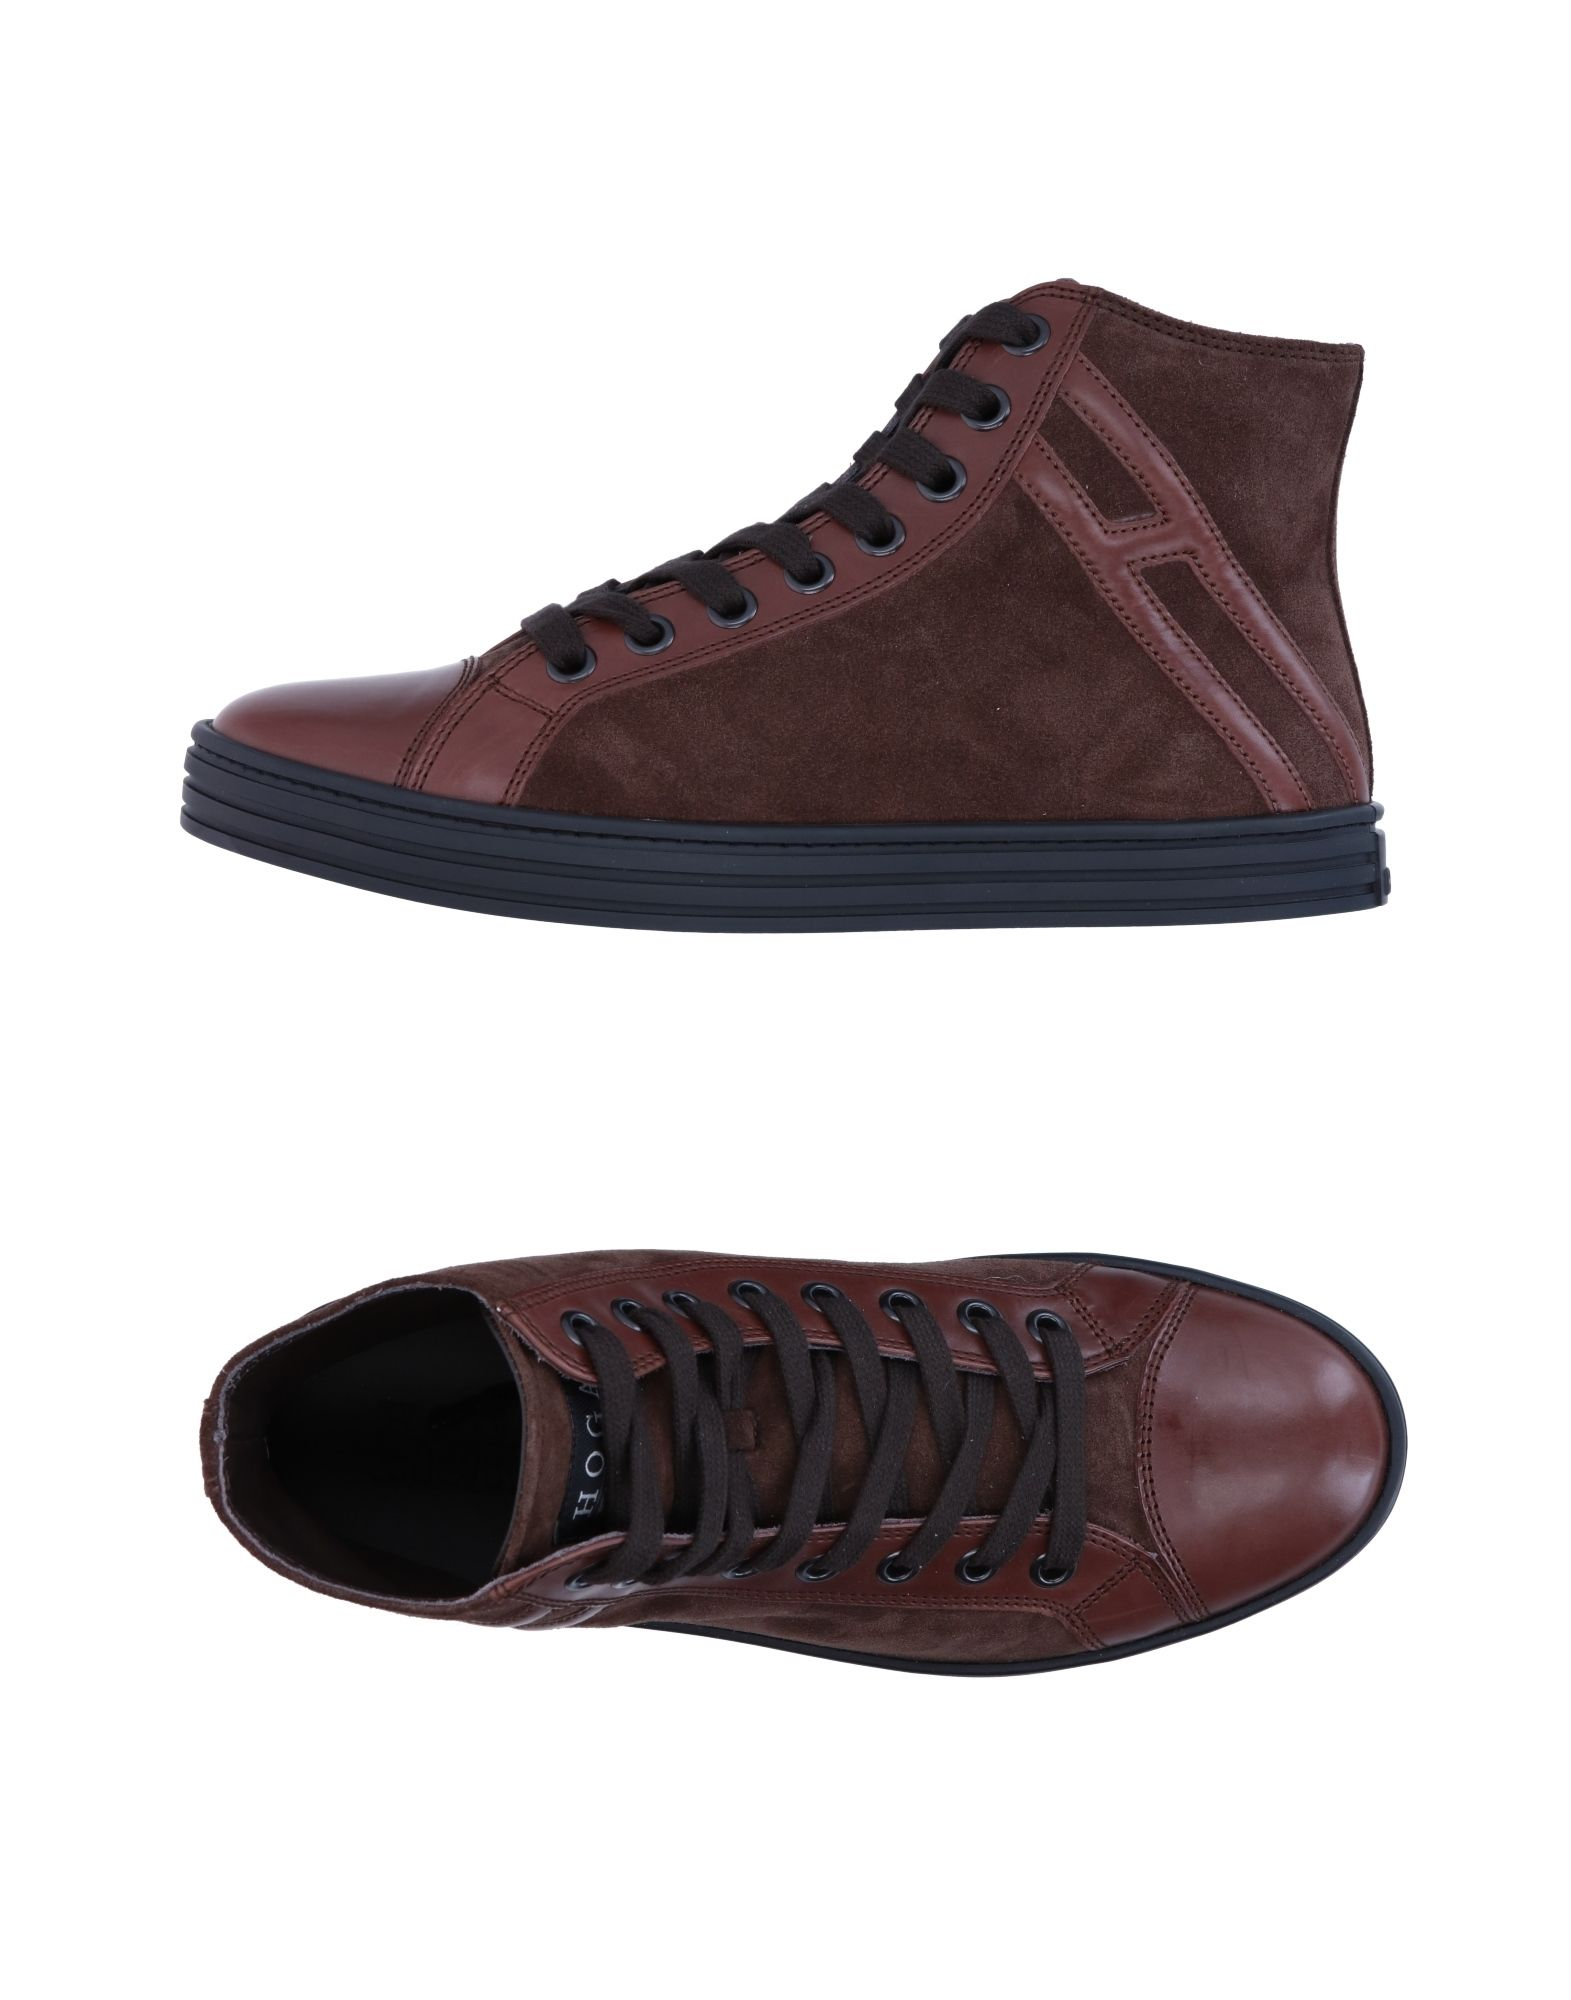 Hogan Rebel Sneakers Herren  11288840JR Gute Qualität beliebte Schuhe